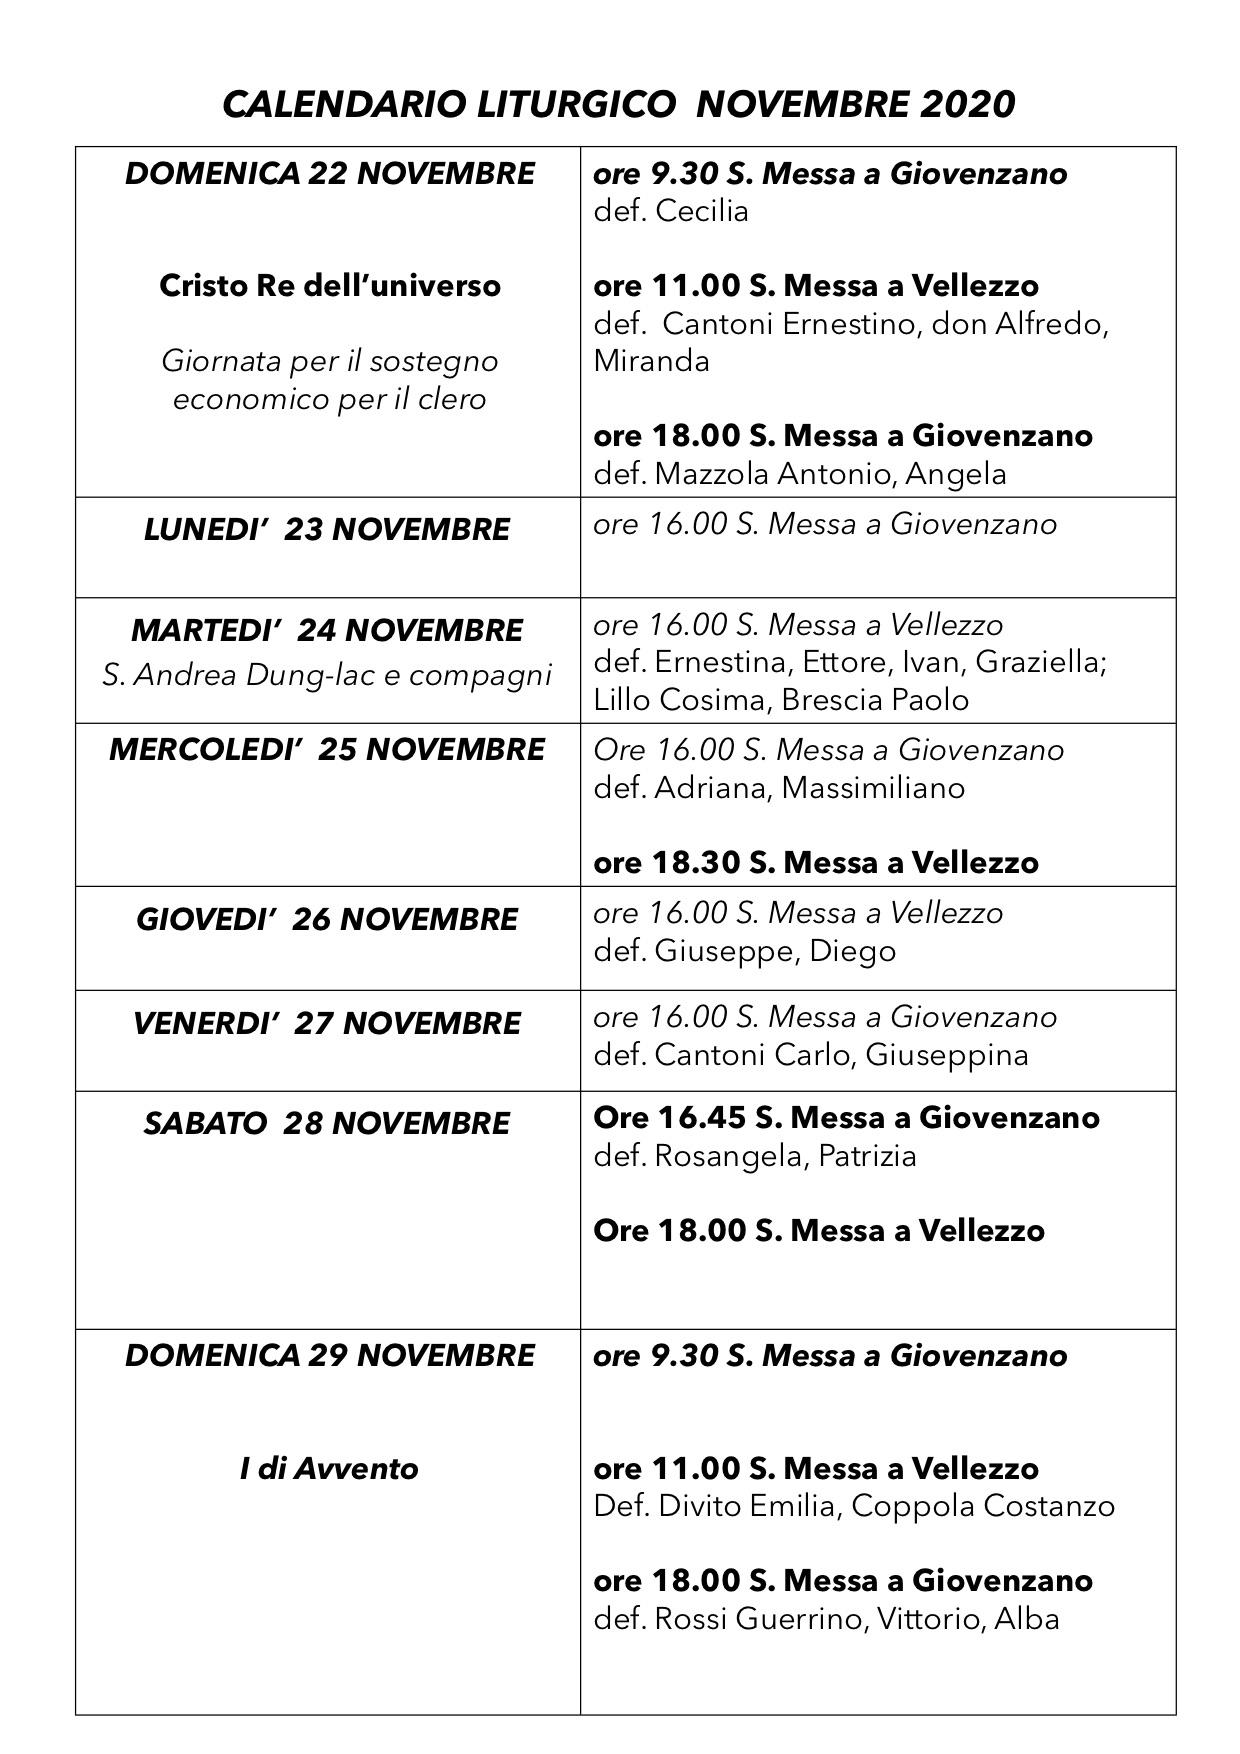 Calendario Liturgico dal 22 al 29 novembre 2020